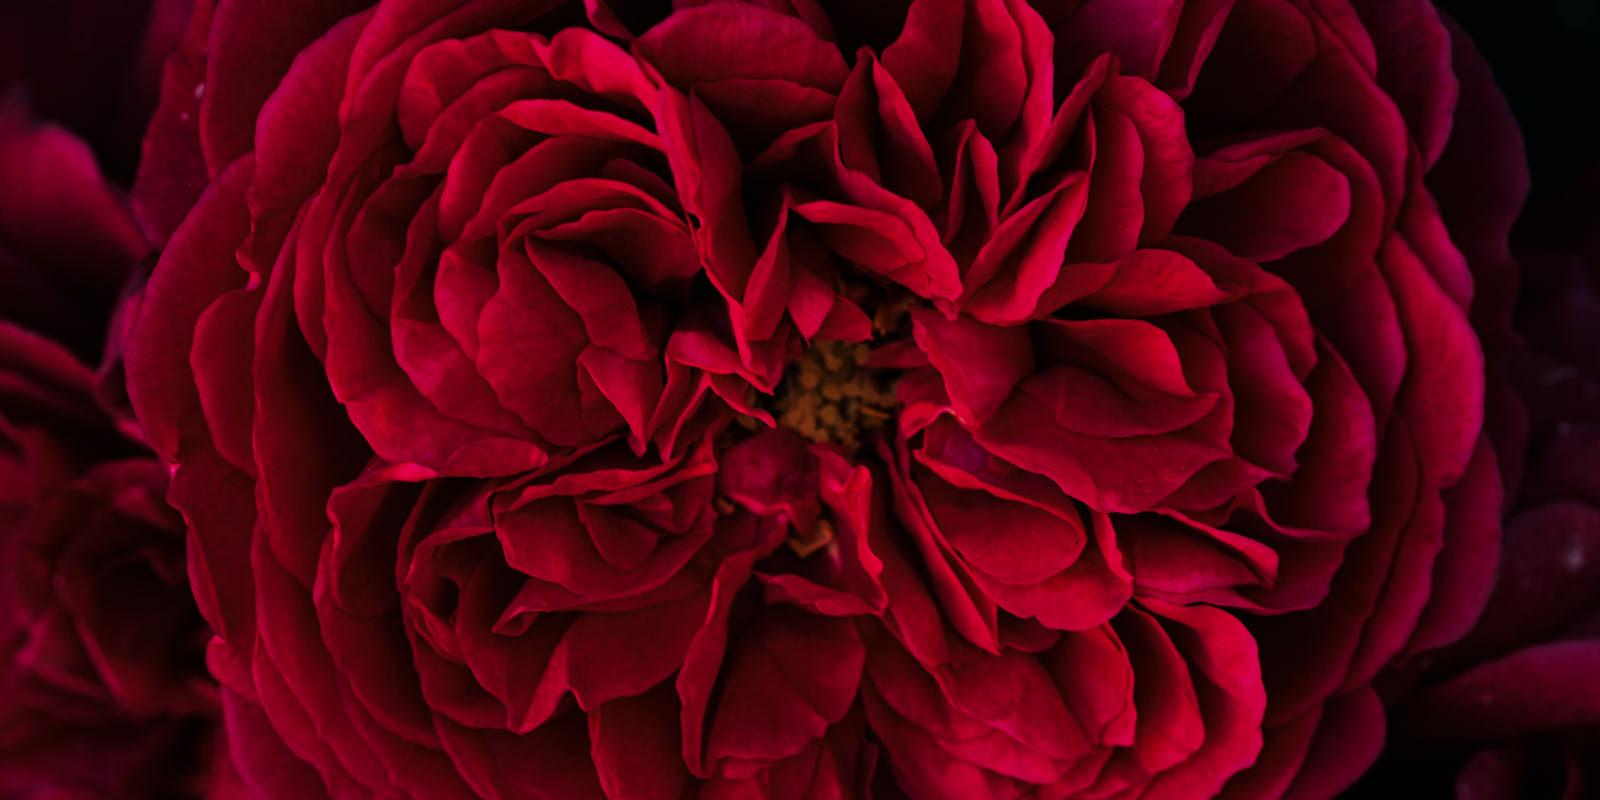 「幾重にも重なる麗しい赤い花びら」の写真